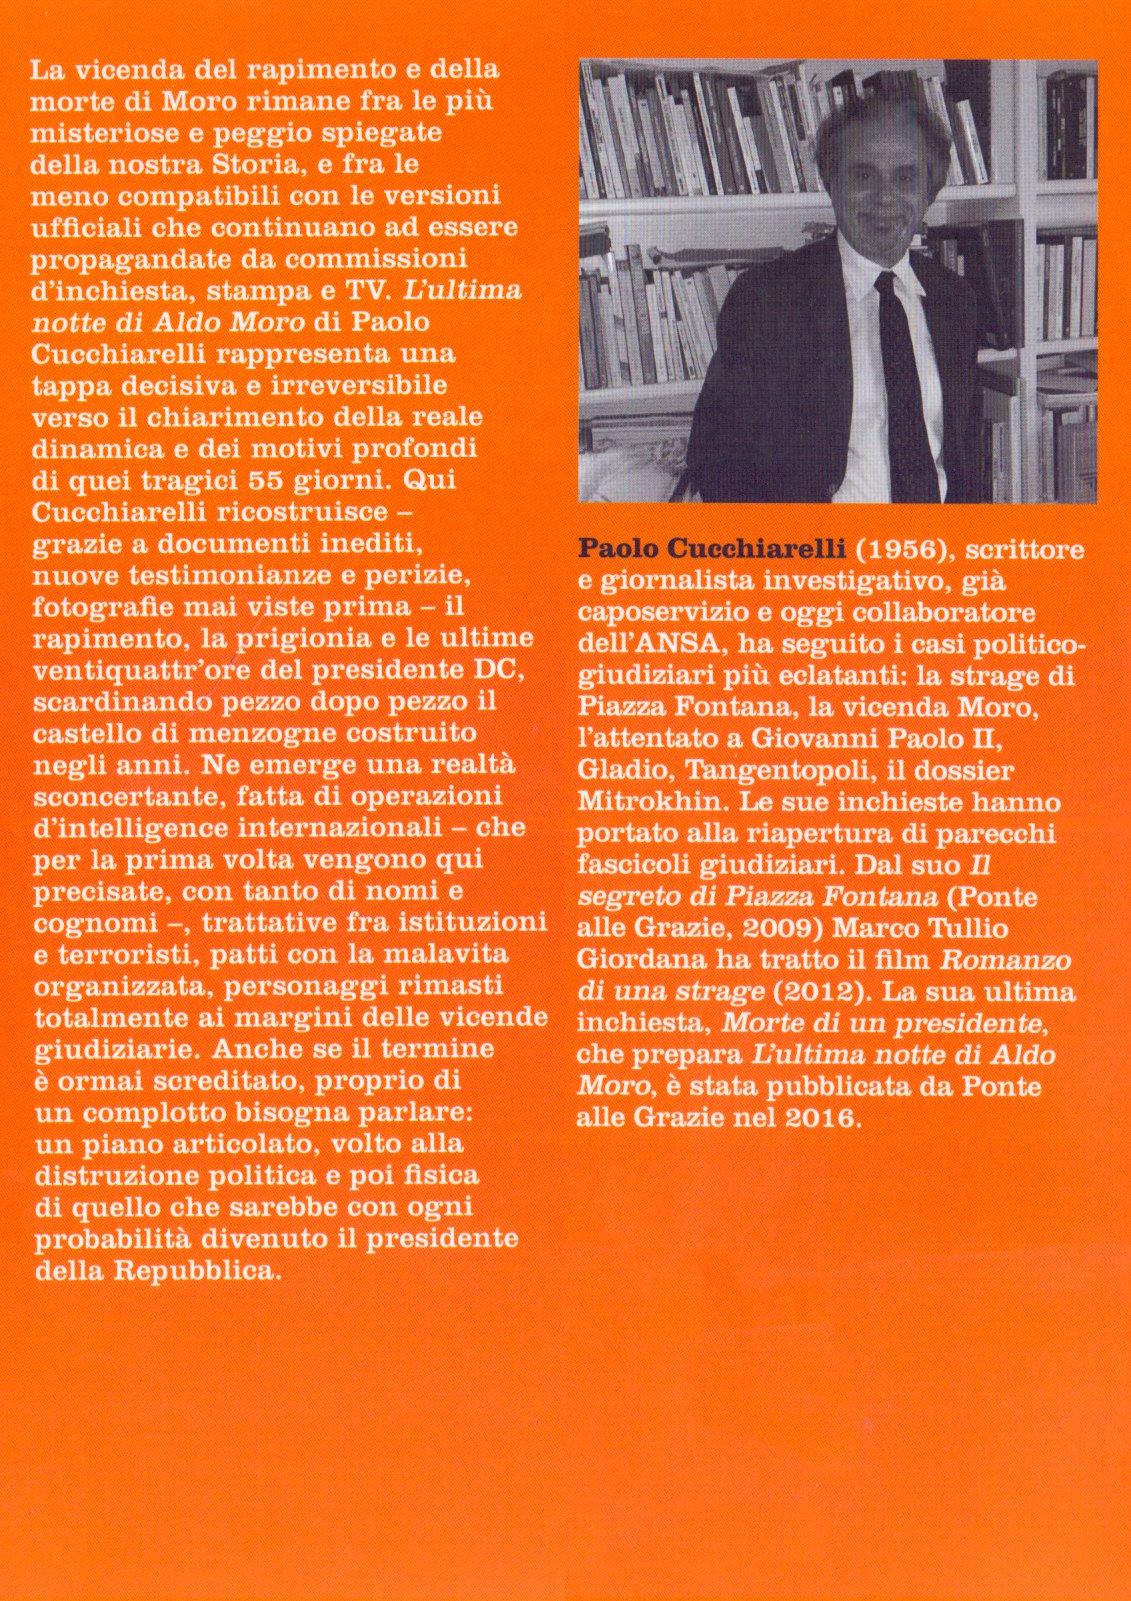 L'ultima notte di Aldo Moro.